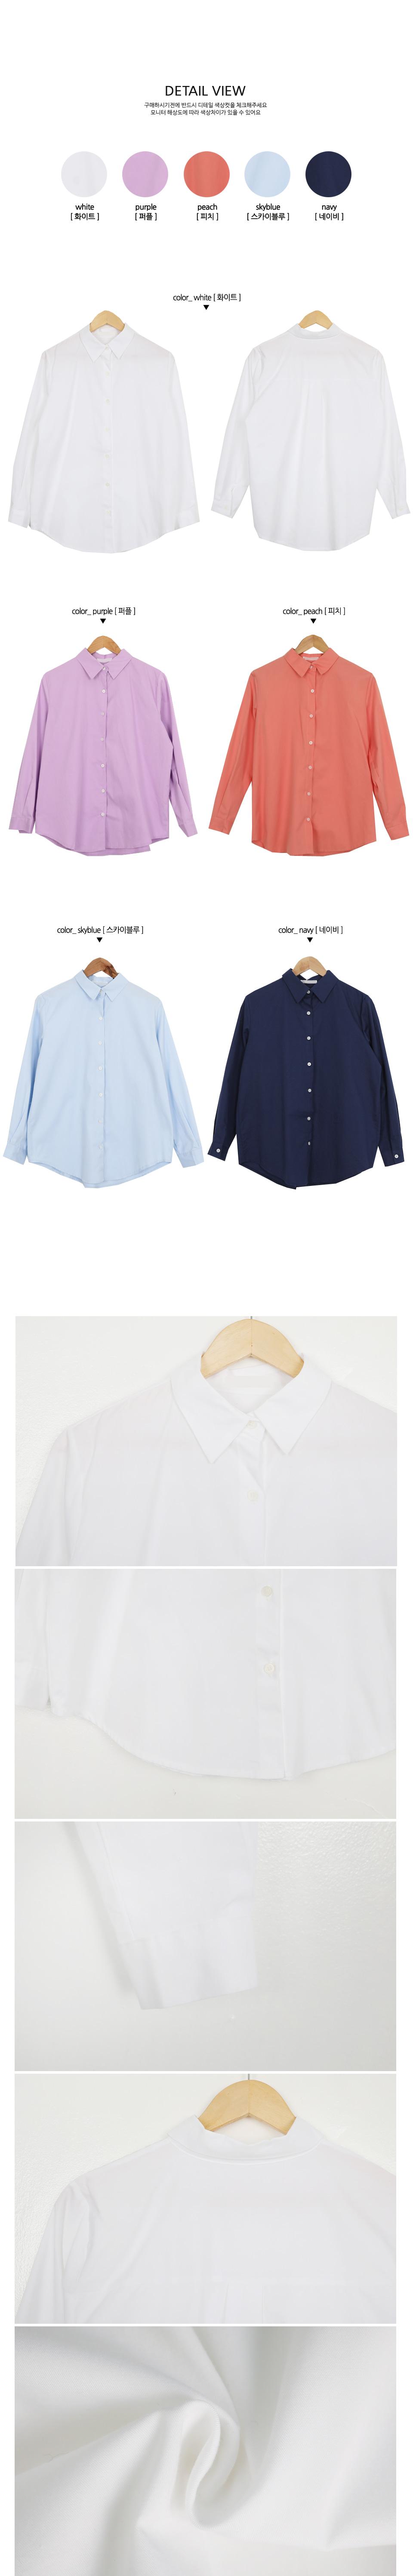 Nyric plain shirt